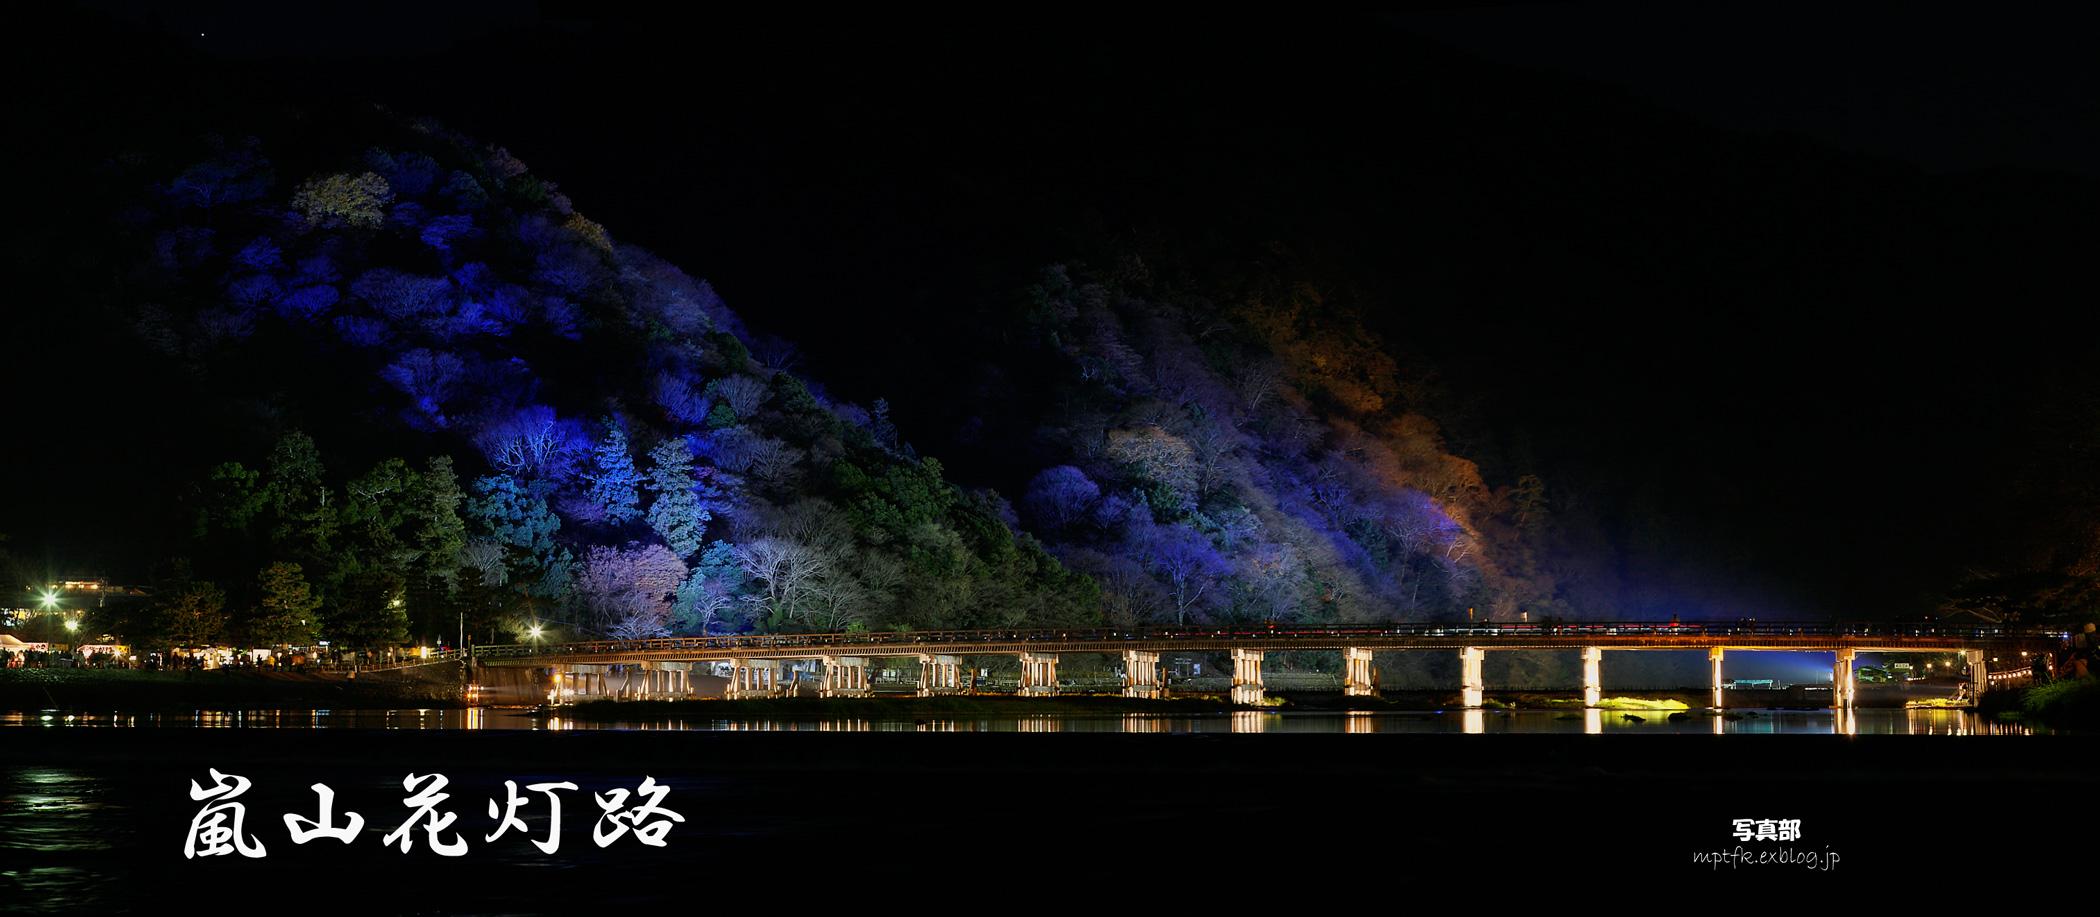 京都 嵐山花灯路 2008 3_f0021869_23491753.jpg